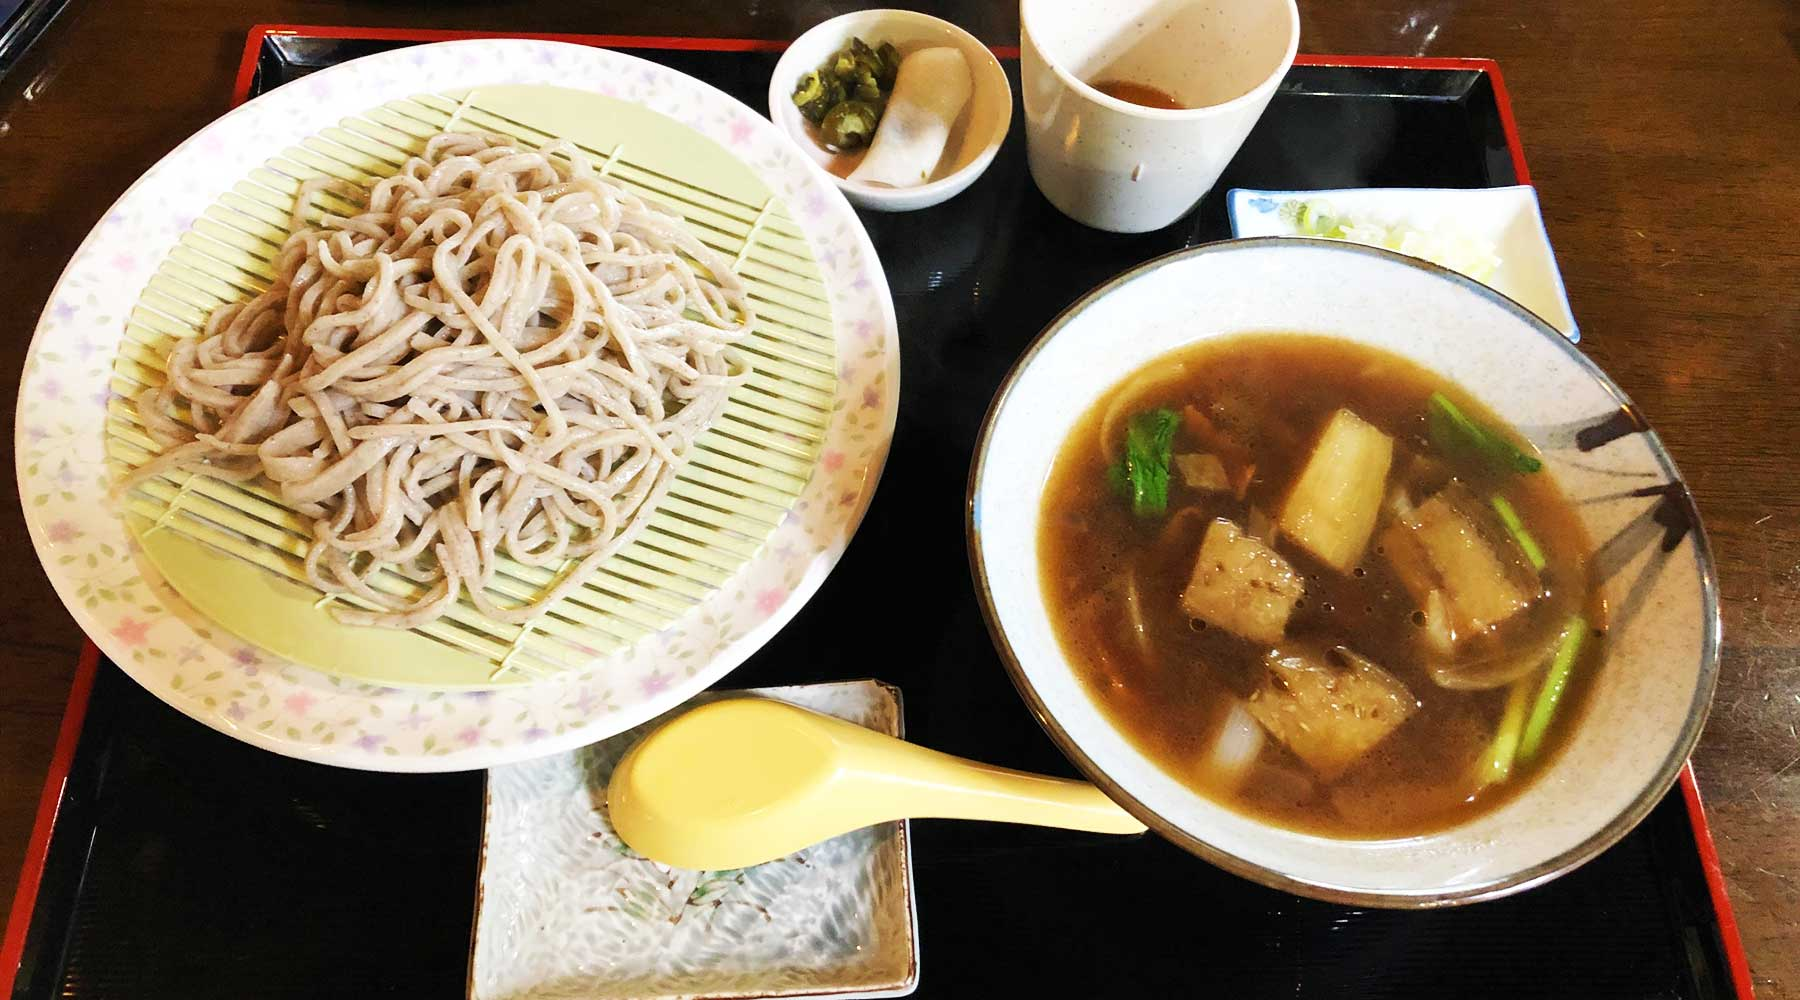 横川のさと・ちたけ蕎麦